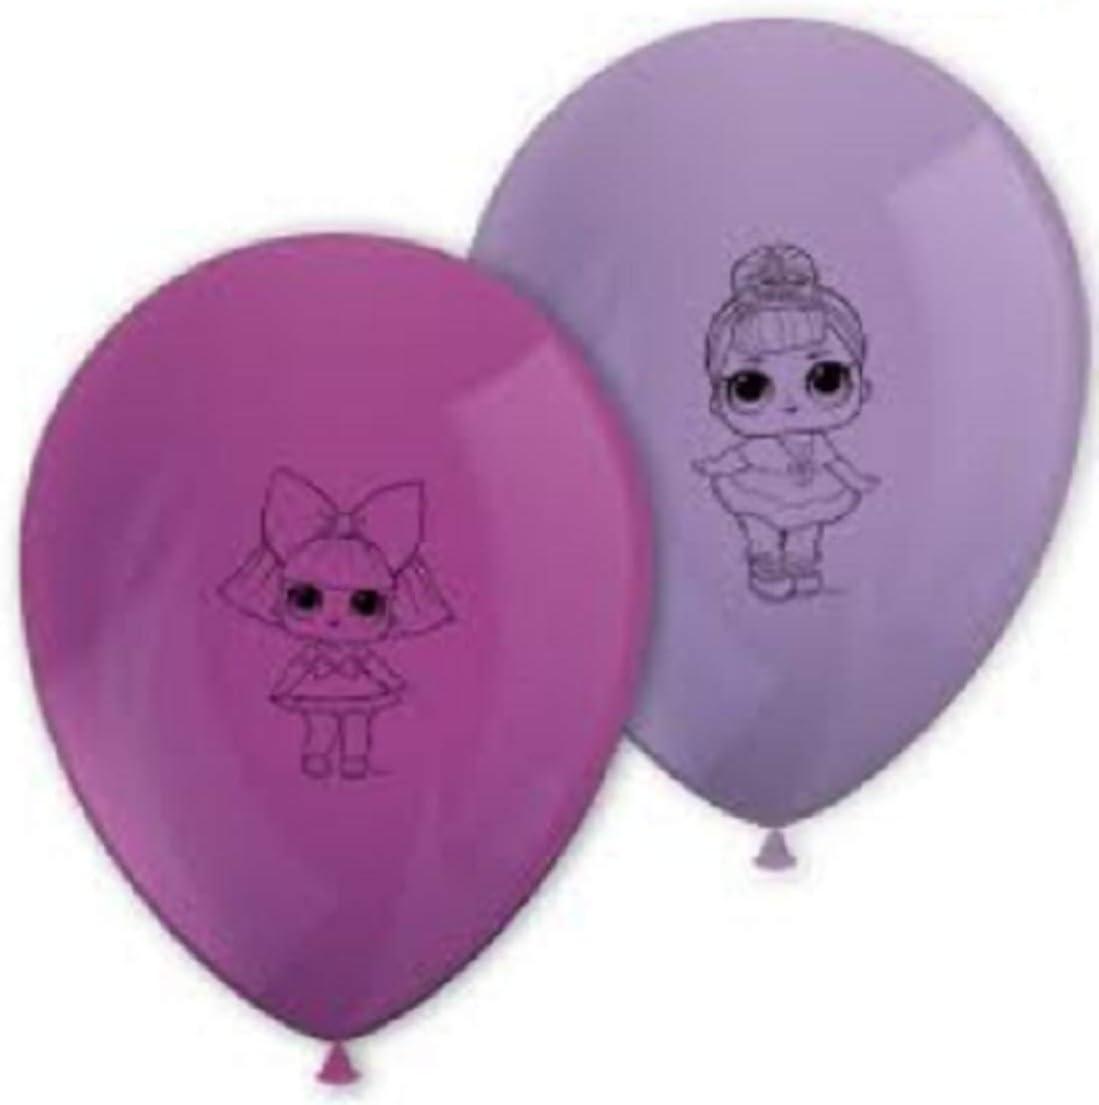 LOL SURPRISE Paquete de Globos para cumpleaños con Las Figuras de Las muñecas L.O.L. Surprise (8 Unidades): Amazon.es: Juguetes y juegos